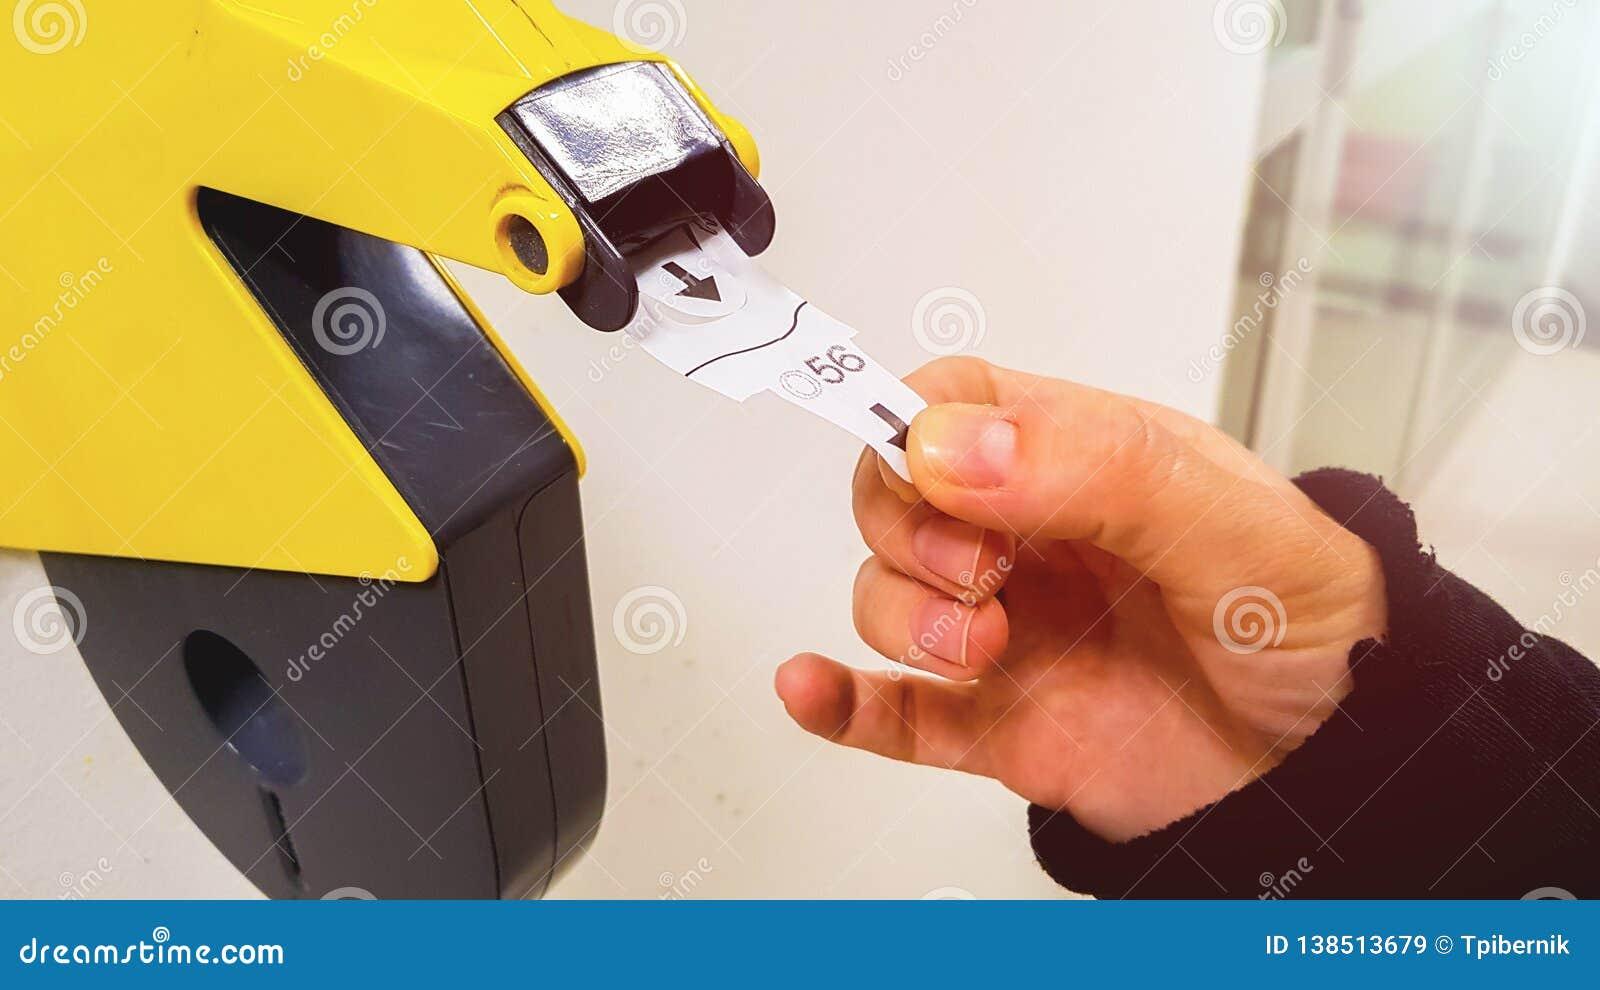 Le client tire avec la main un billet numéroté hors de la machine jaune de distributeur de nombre, pour attendre dans le tuyau de